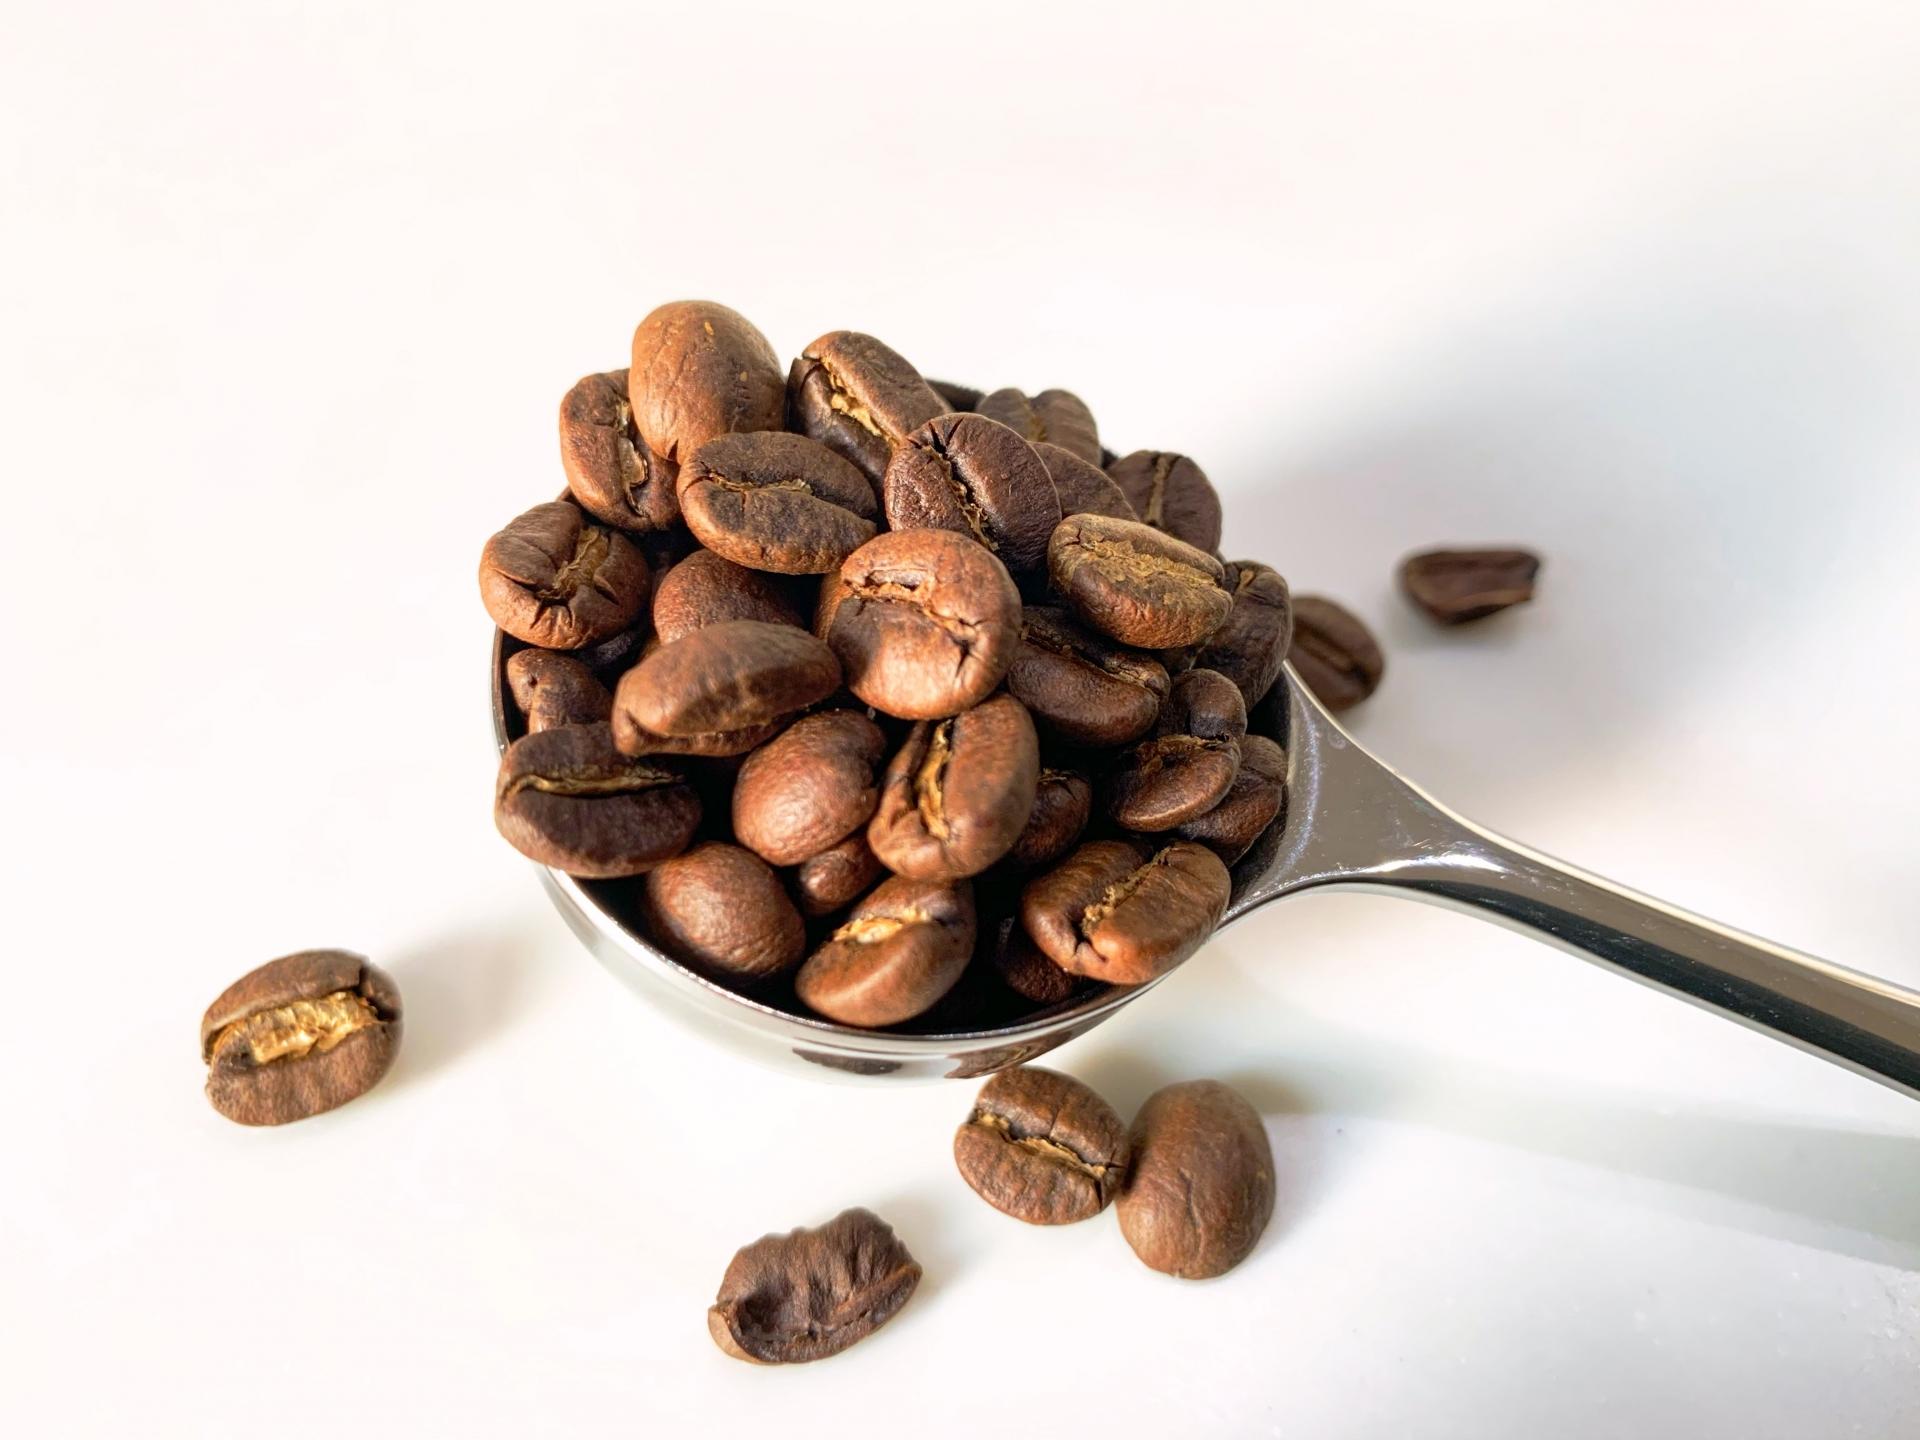 【コーヒーの品種一覧】品種を知るとコーヒーがもっと楽しくなる!